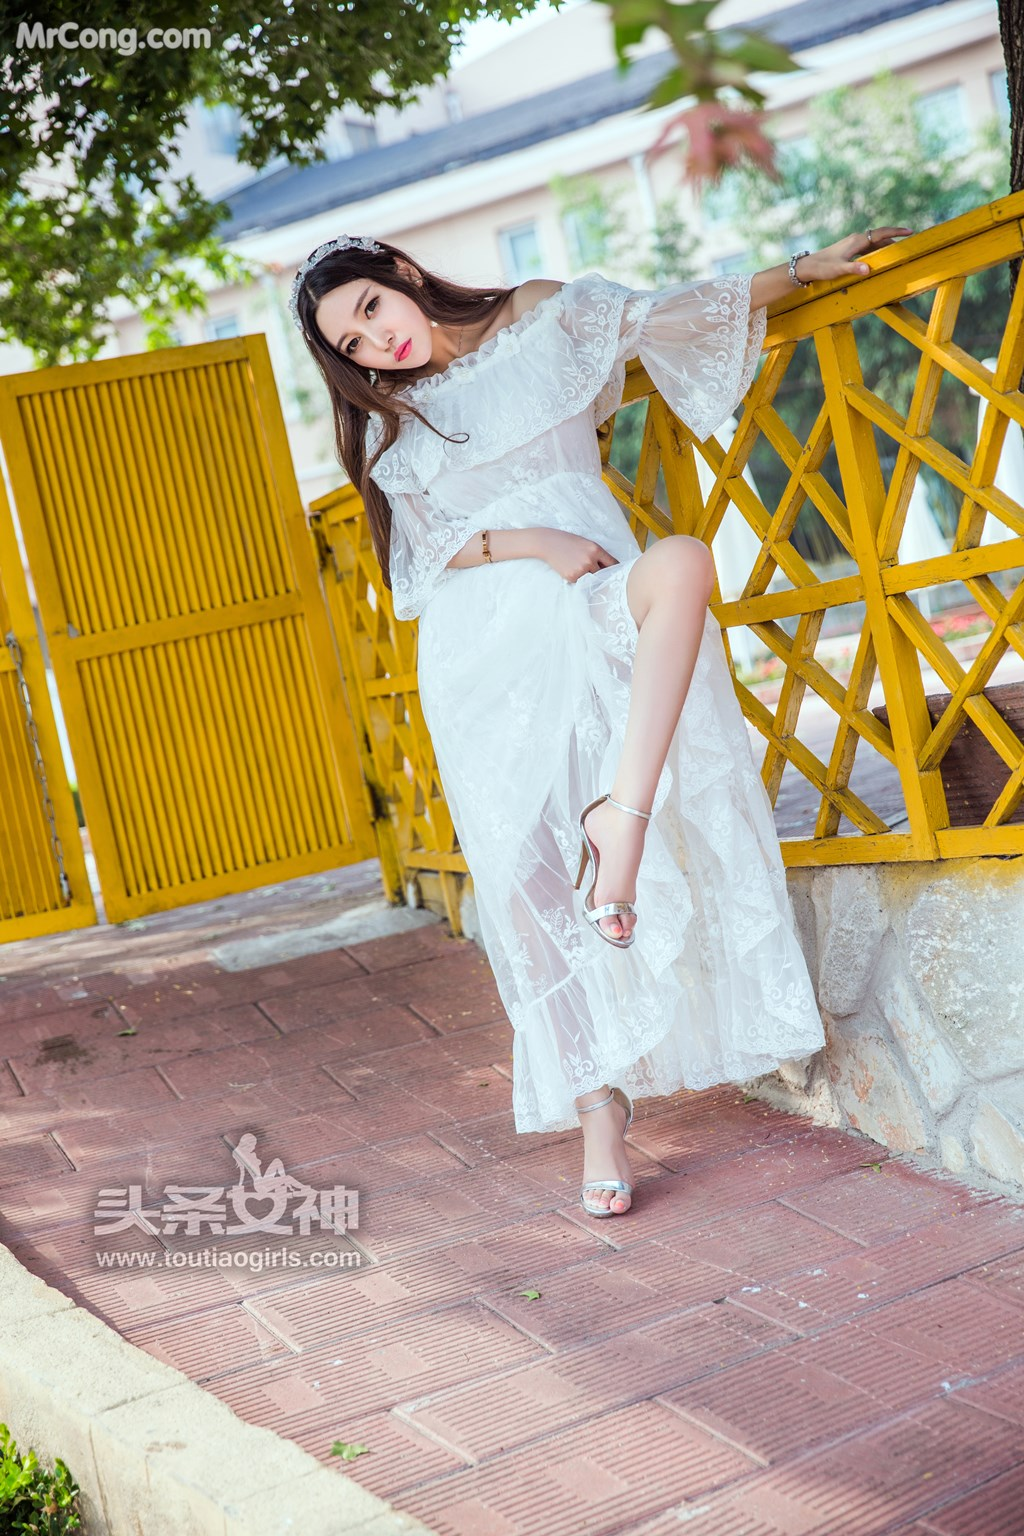 Image TouTiao-2017-08-06-Li-Zi-Xi-MrCong.com-004 in post TouTiao 2017-08-06: Người mẫu Li Zi Xi (李梓熙) (37 ảnh)